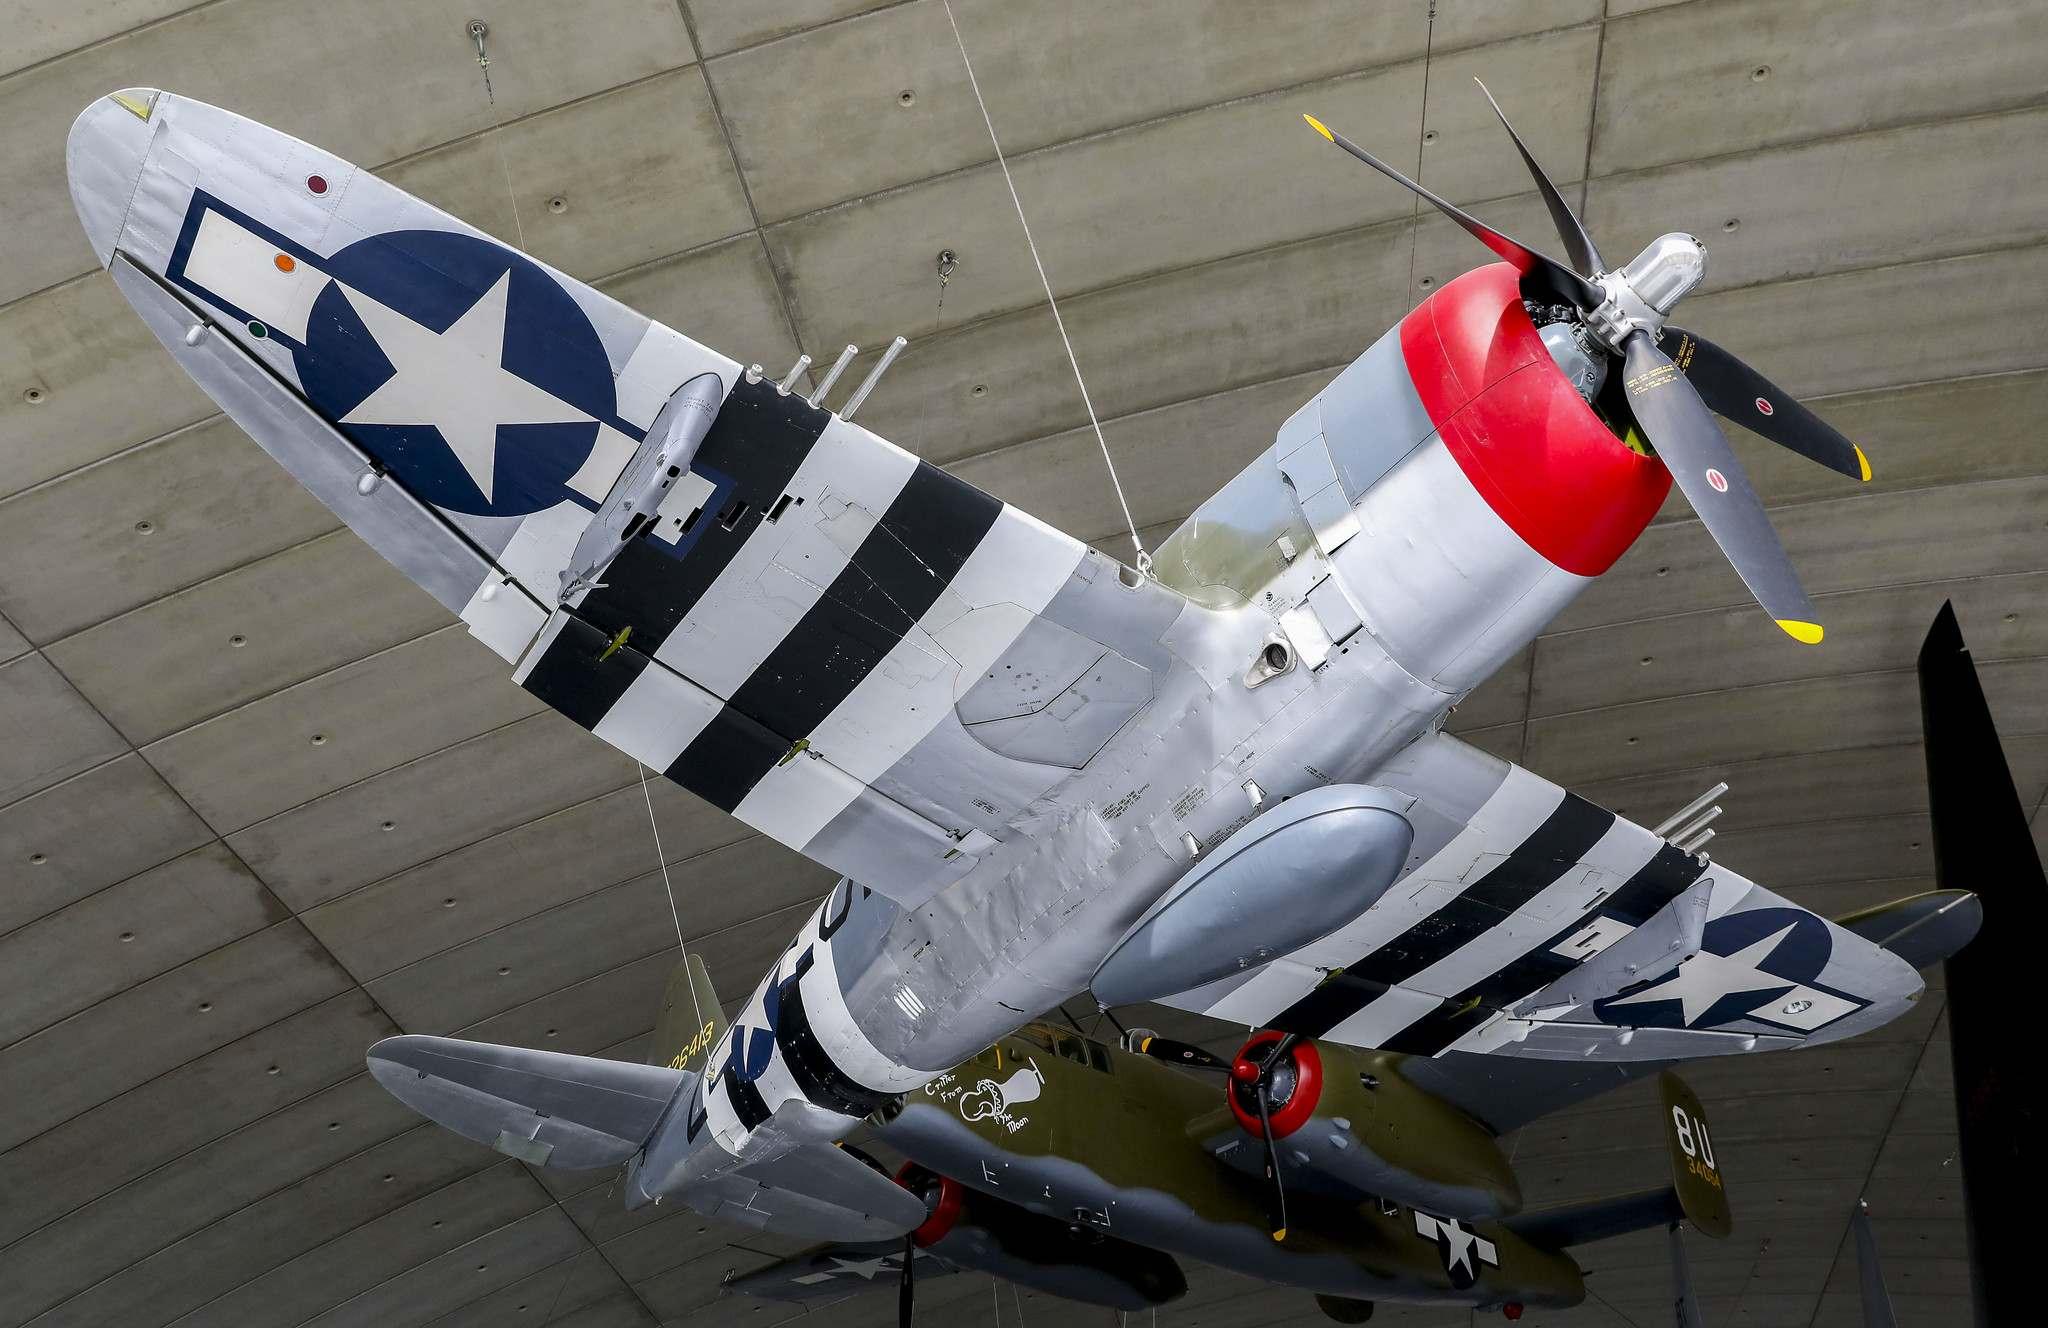 duxford air museum11 Imperial War Museum Duxford in Cambridge, England